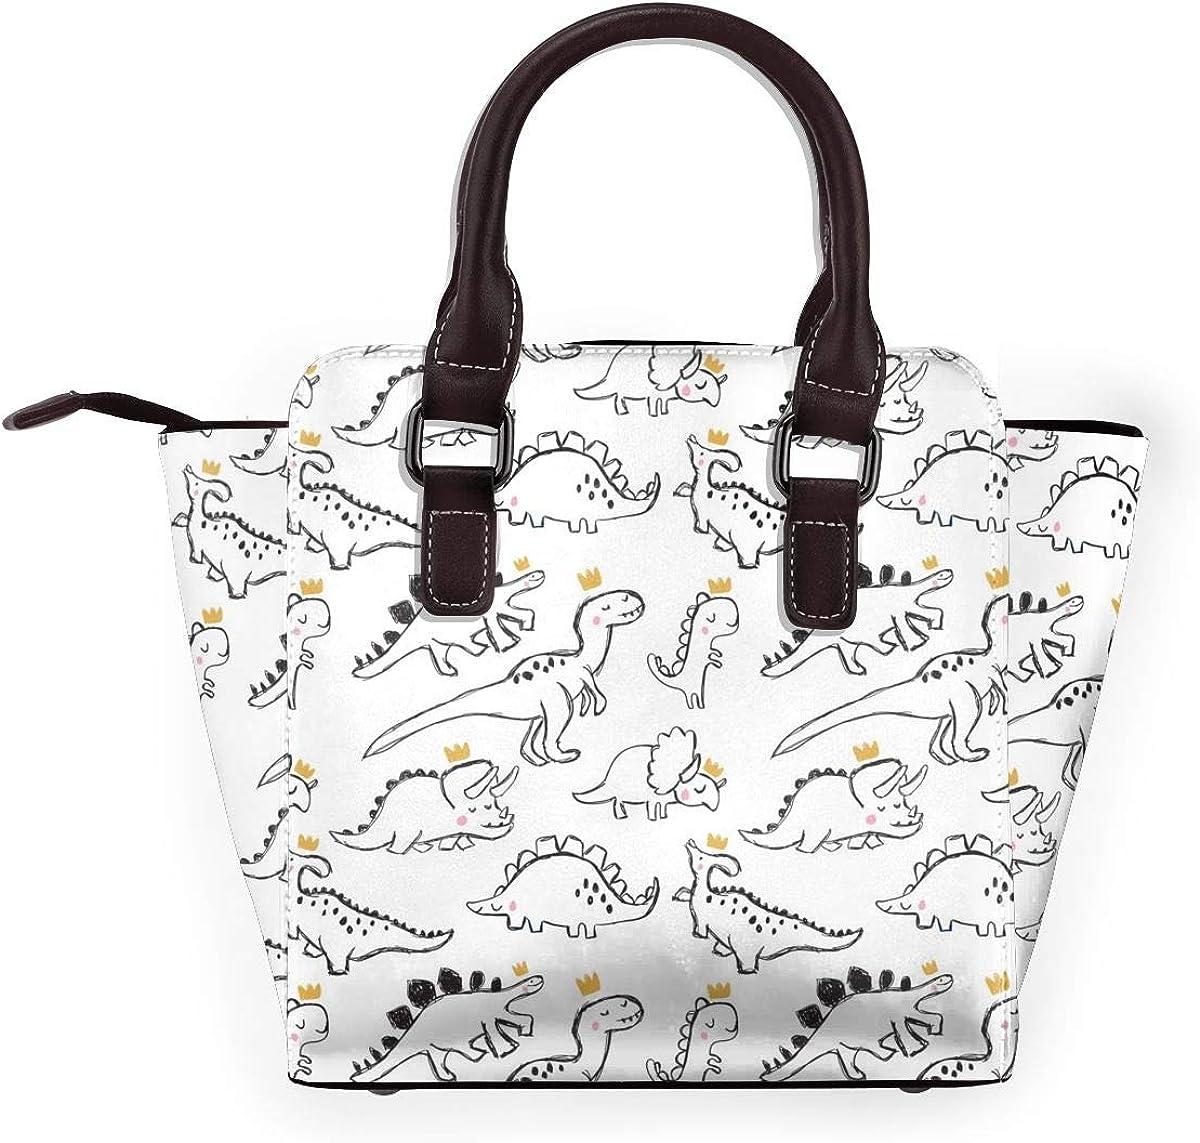 Hedgehog Texture Damen Handtasche Hobos Leder Nieten Schultertasche Große Tote Bag für Arbeit Dinosaurier T-rex Trägt Krone.